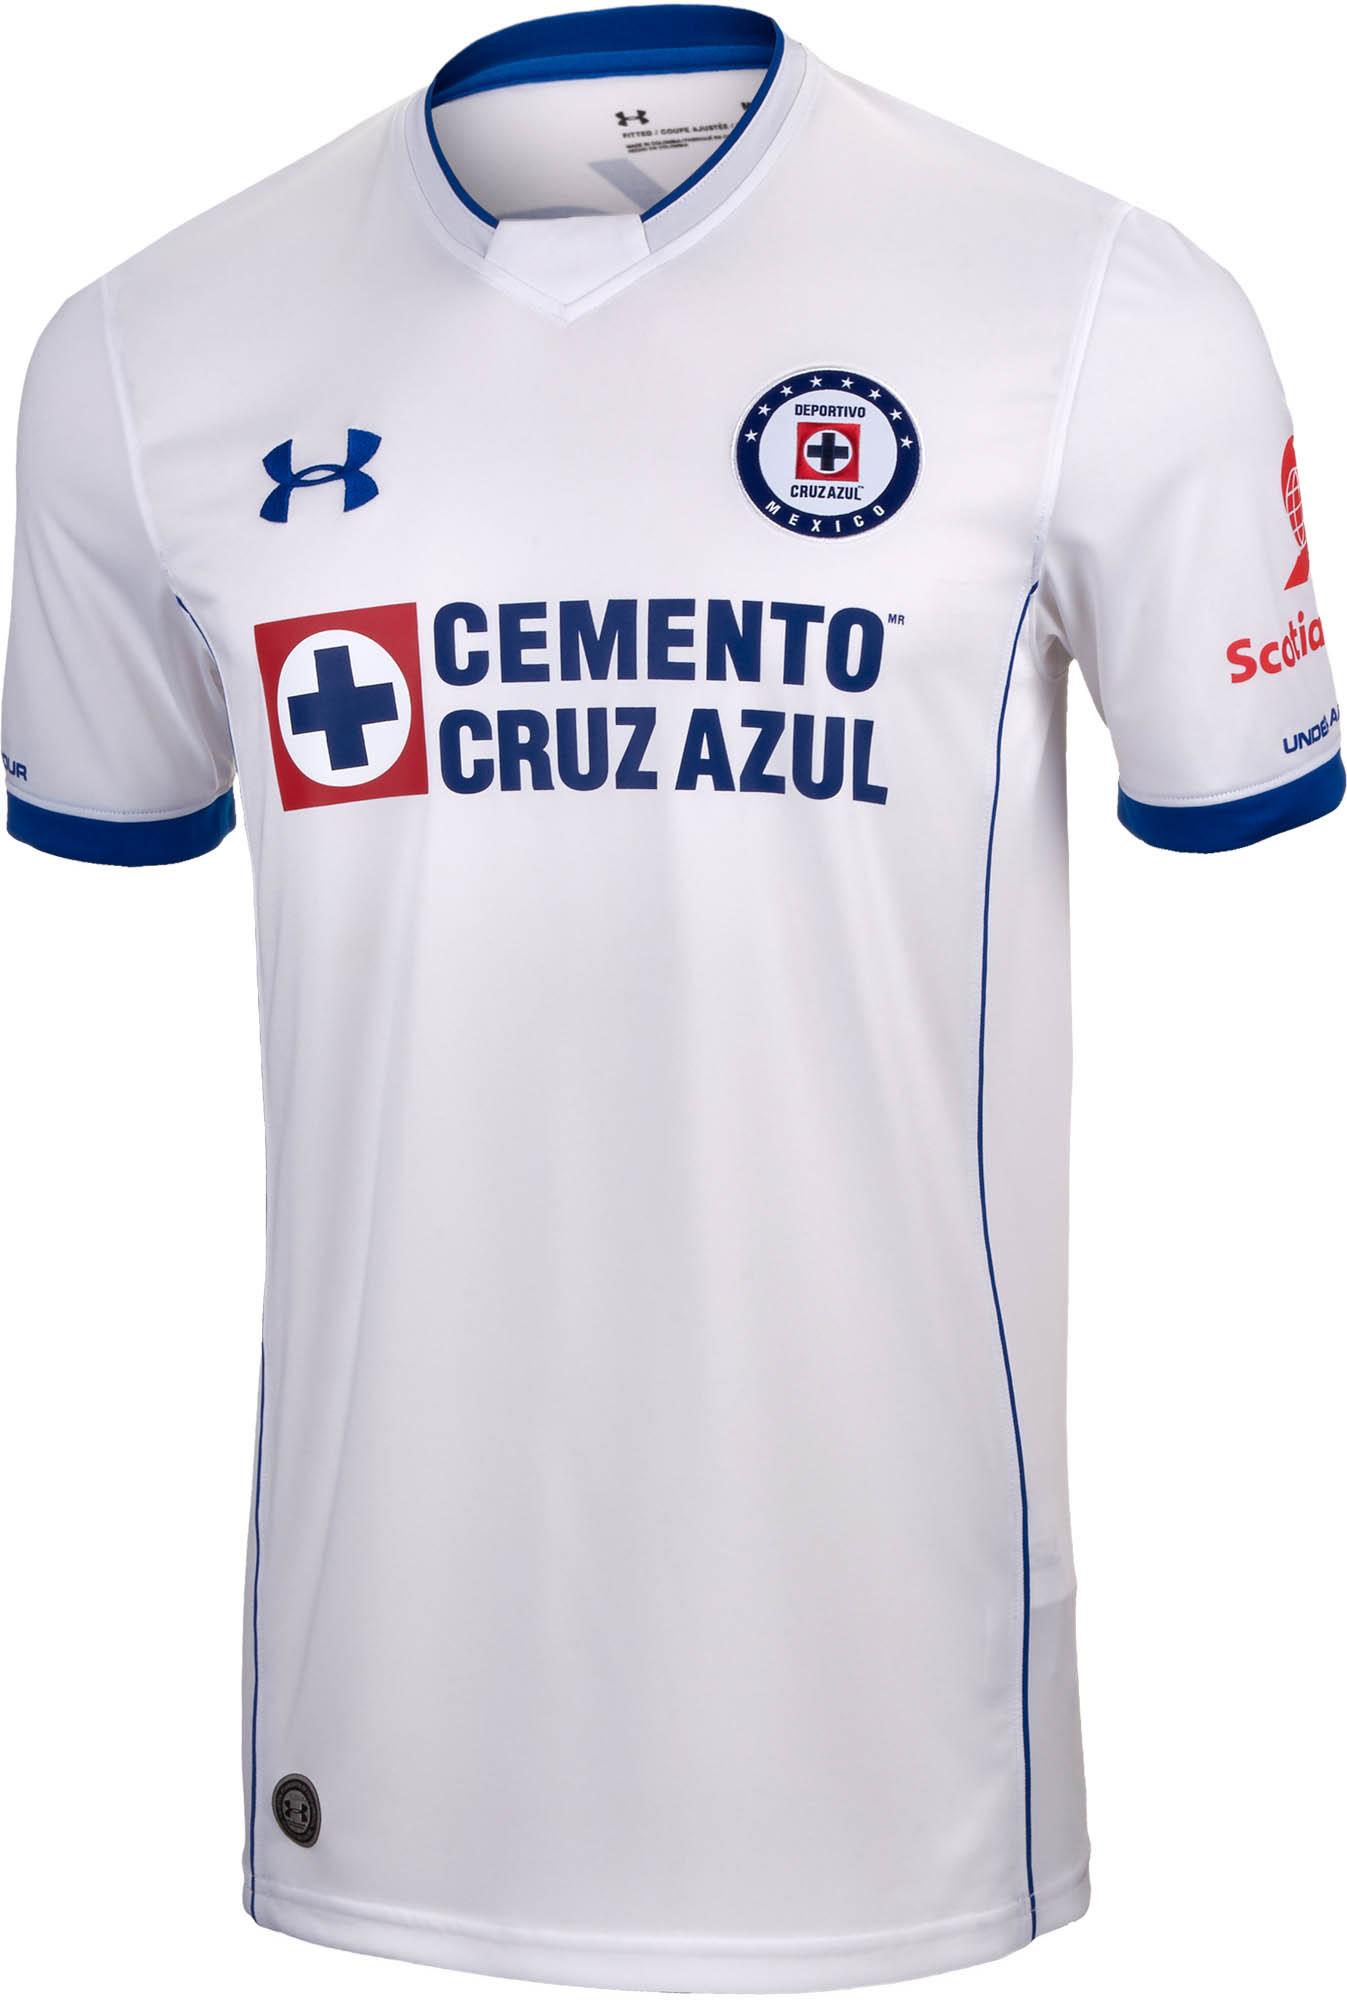 423294f6861 Under Armour Cruz Azul Away Jersey 2017-18